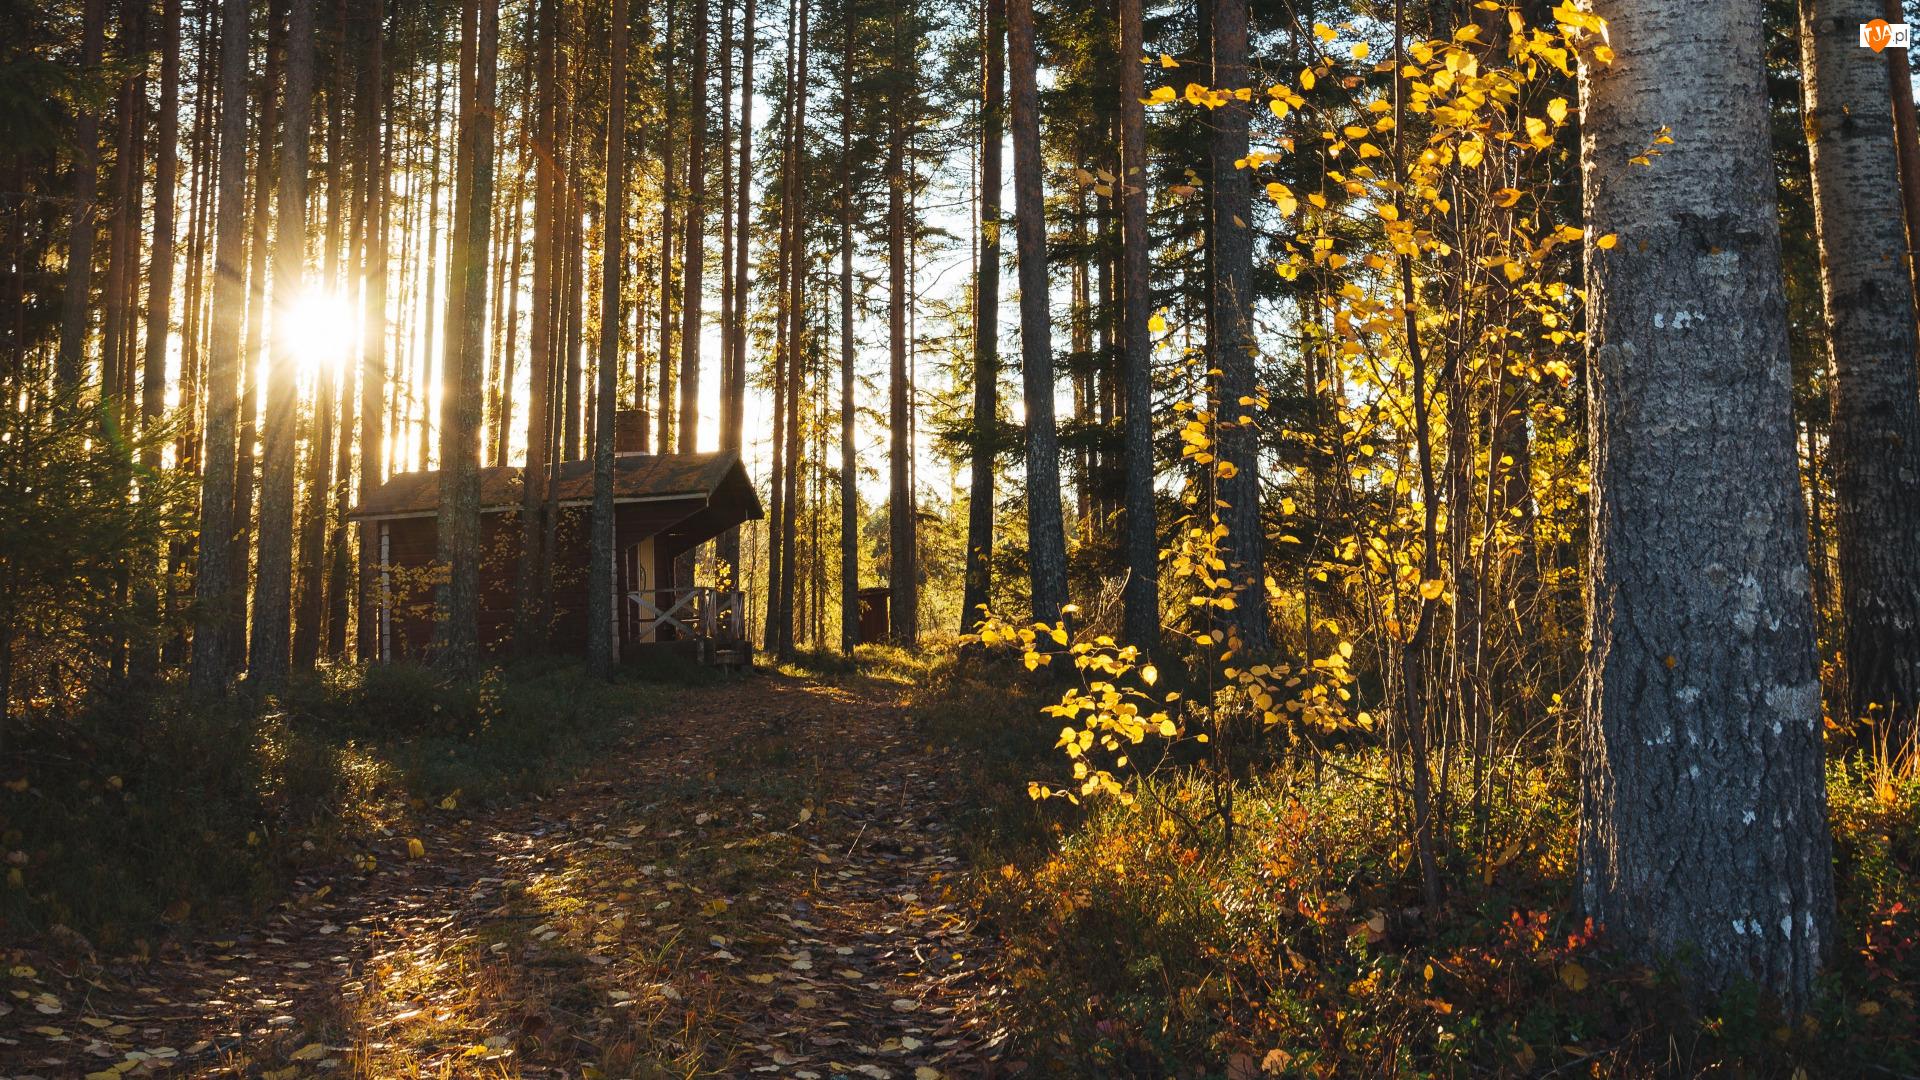 Las, Dom, Zachód słońca, Promienie słońca, Drzewa, Jesień